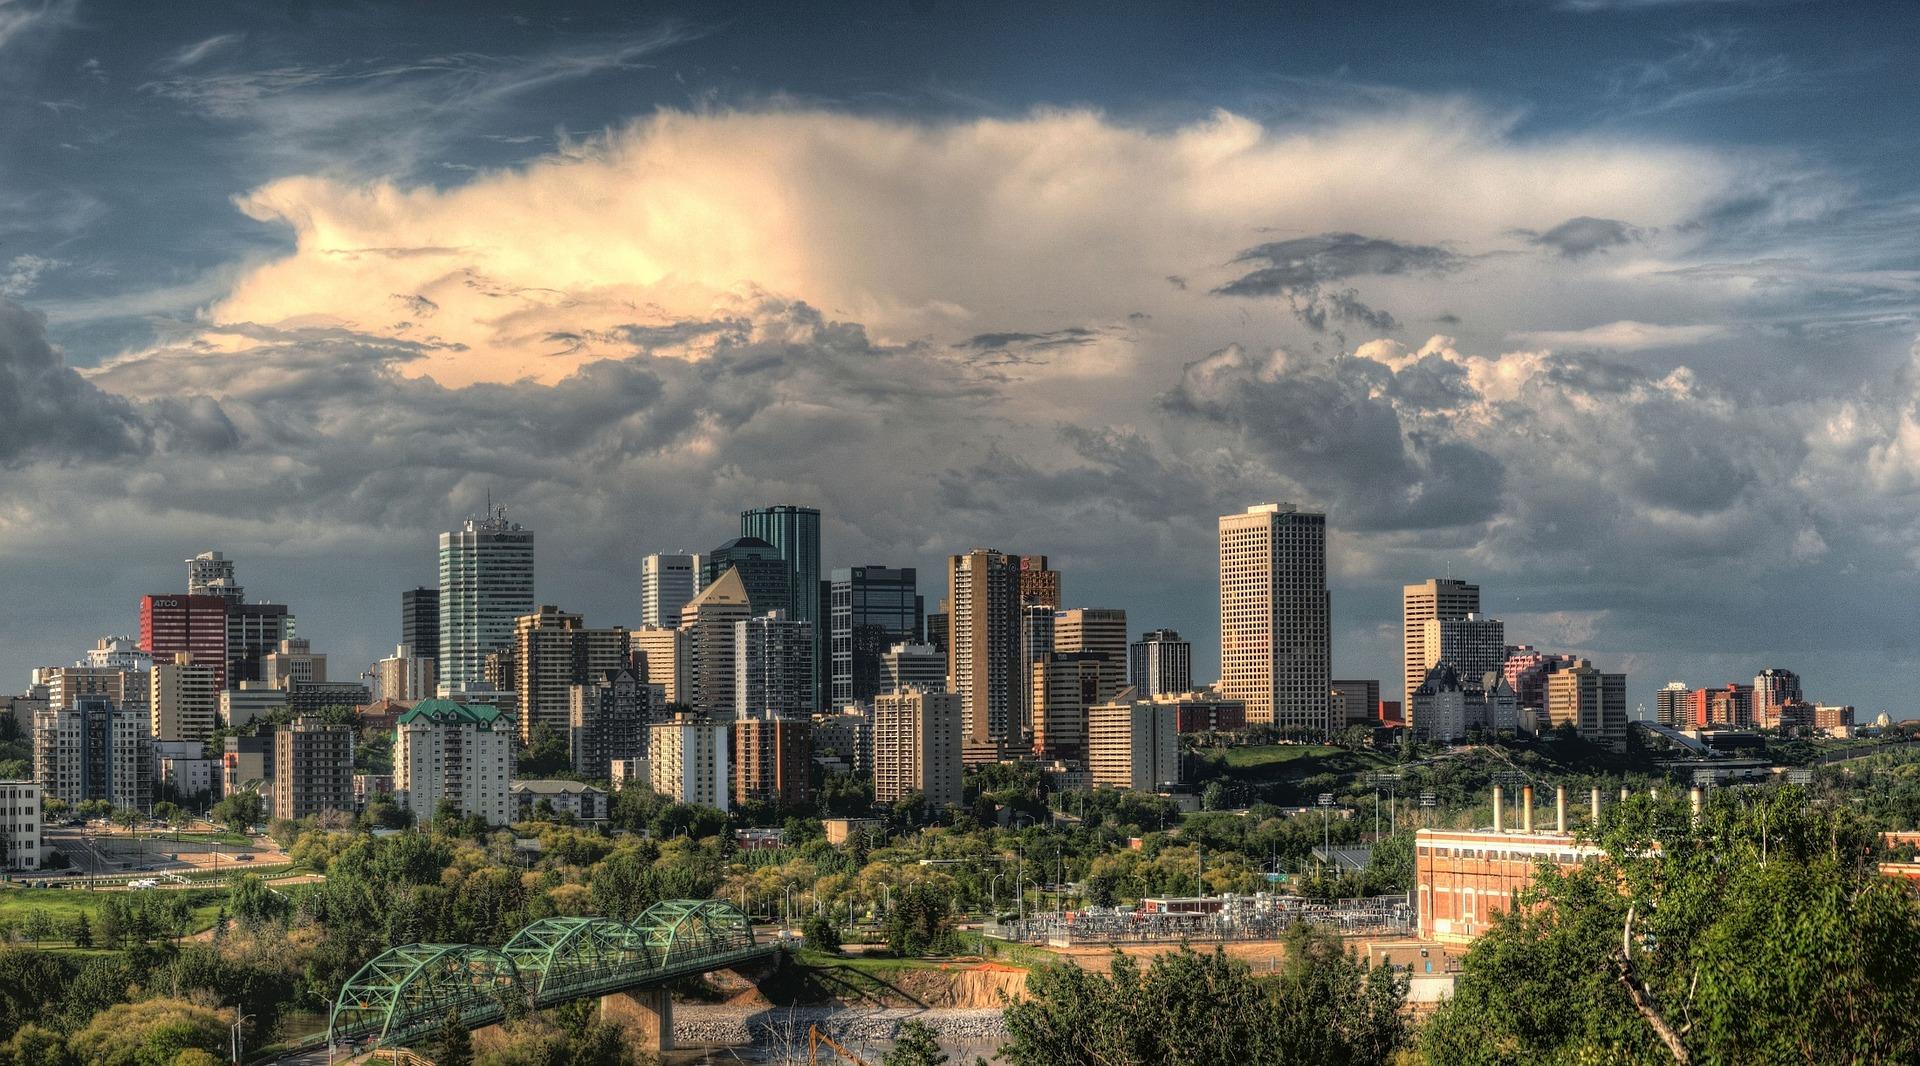 City of Edmonton